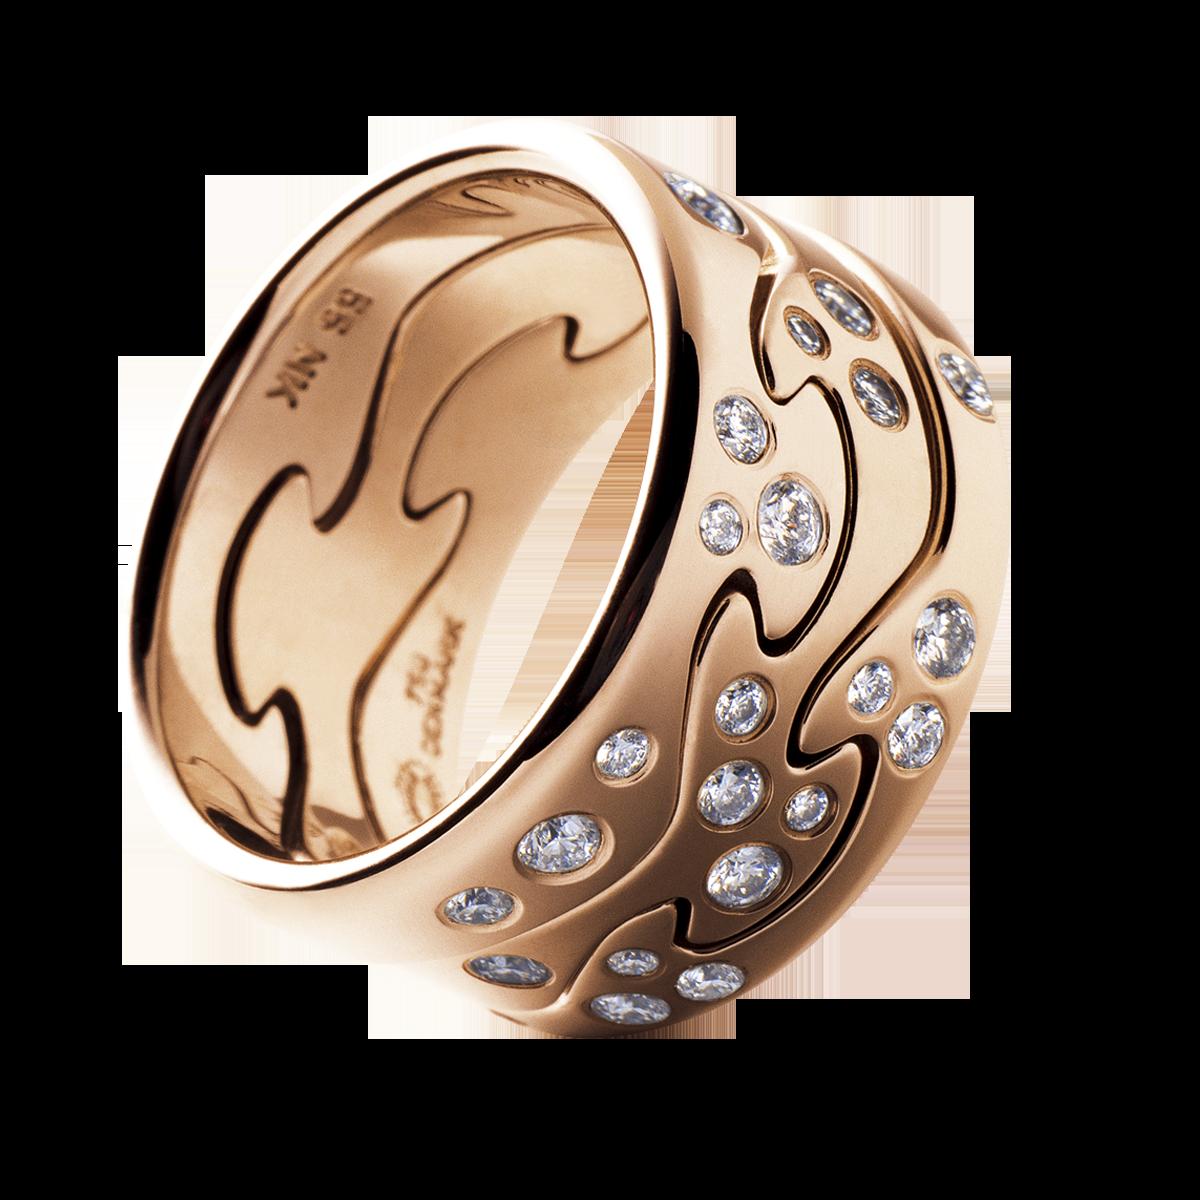 Jensen Wedding Rings Georg Jensen Fushion Ring